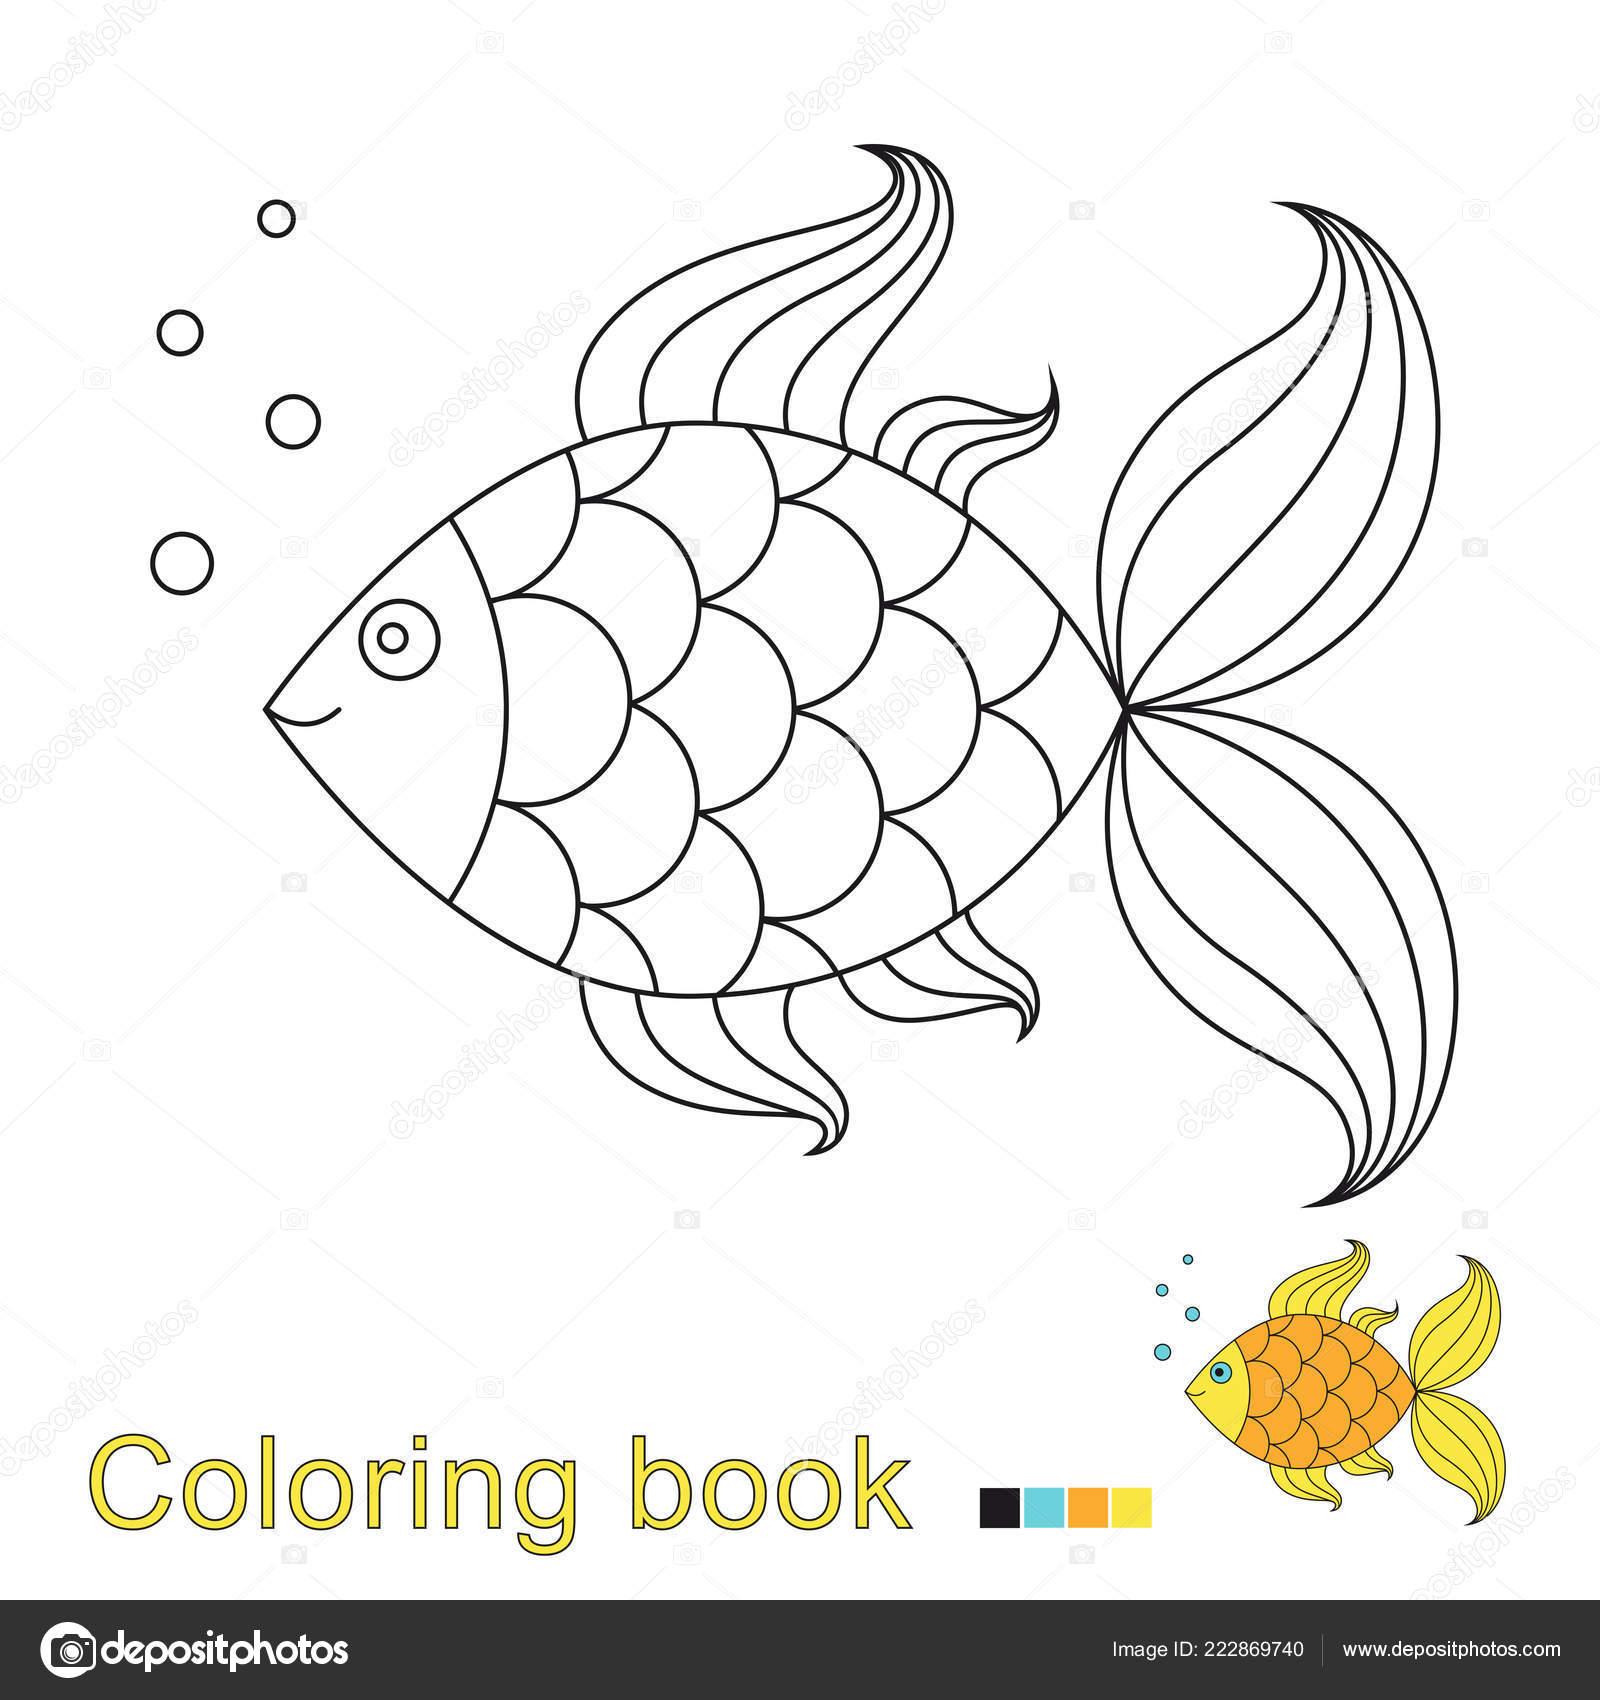 塗り絵の黄金魚のベクター イラストです 子供のための簡単な教育ゲーム